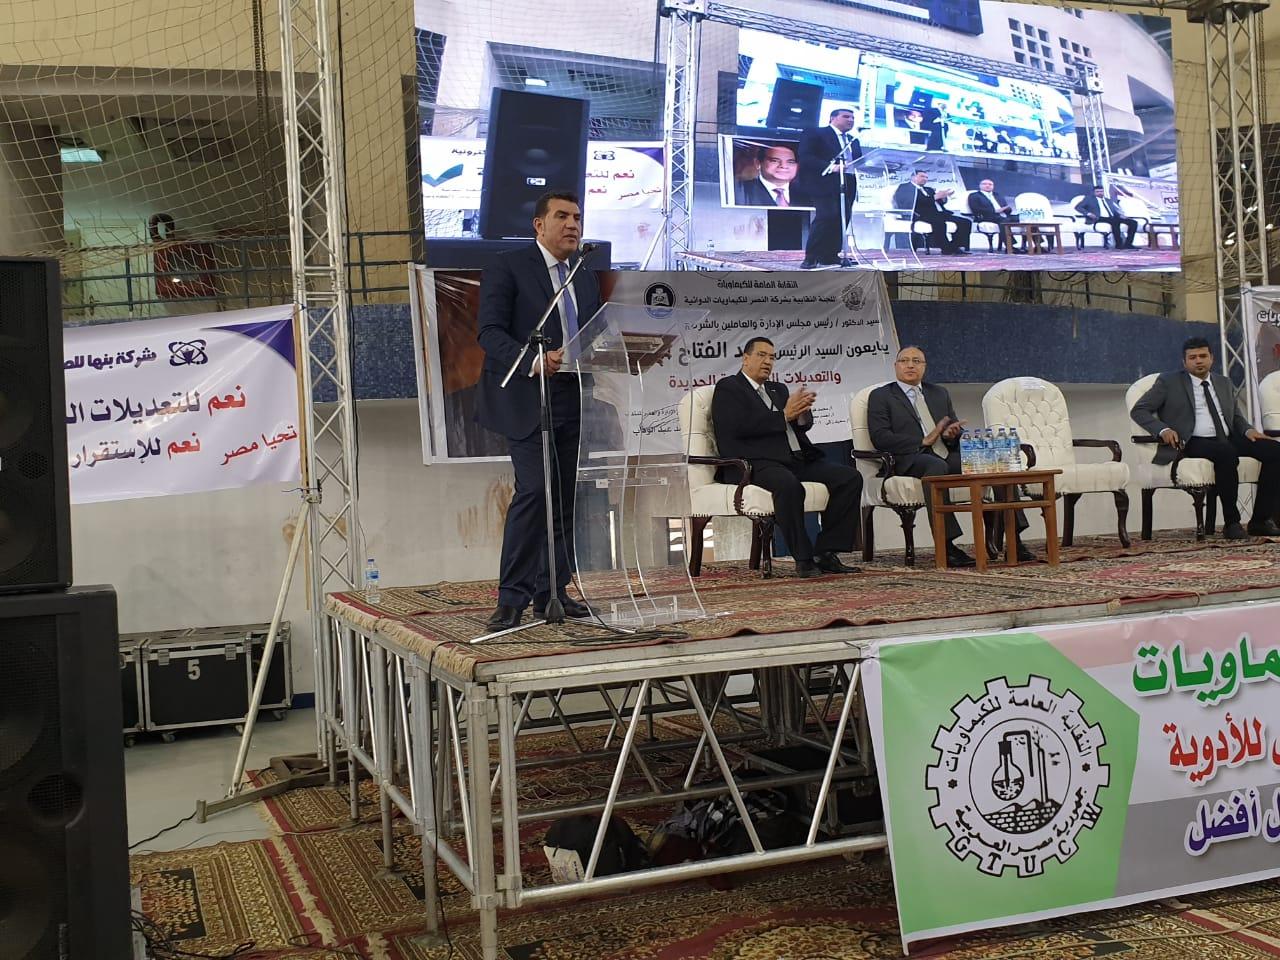 مؤتمر حاشد لتأييد التعديلات الدستورية لنقابة الكيماويات وشباب العمال